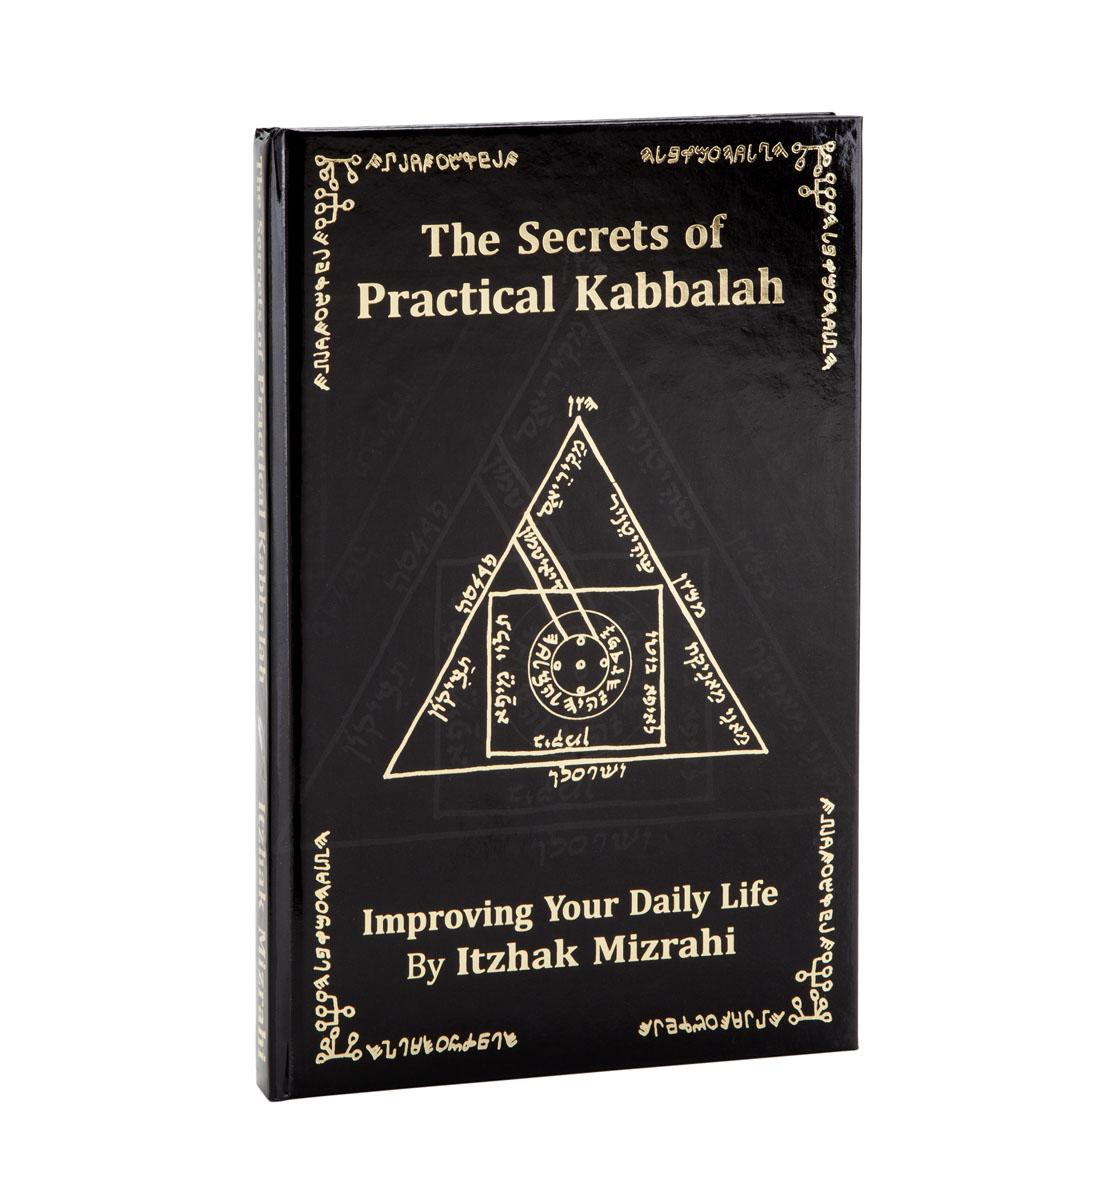 The Secrets of Practical Kabbalah